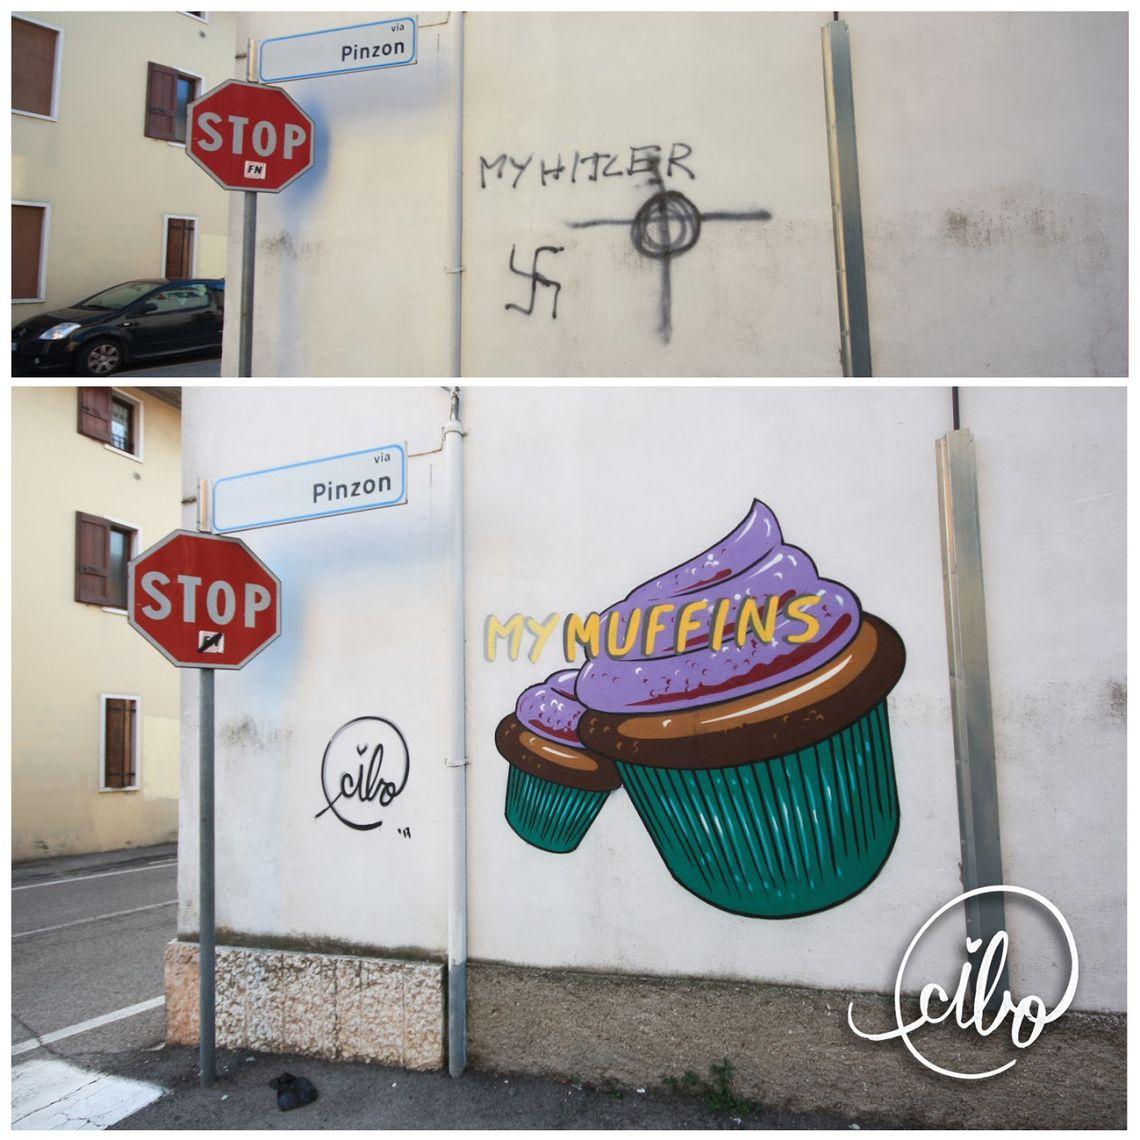 Muffins statt Hakenkreuze: Pier sieht sich als Künstler in der Pflicht.